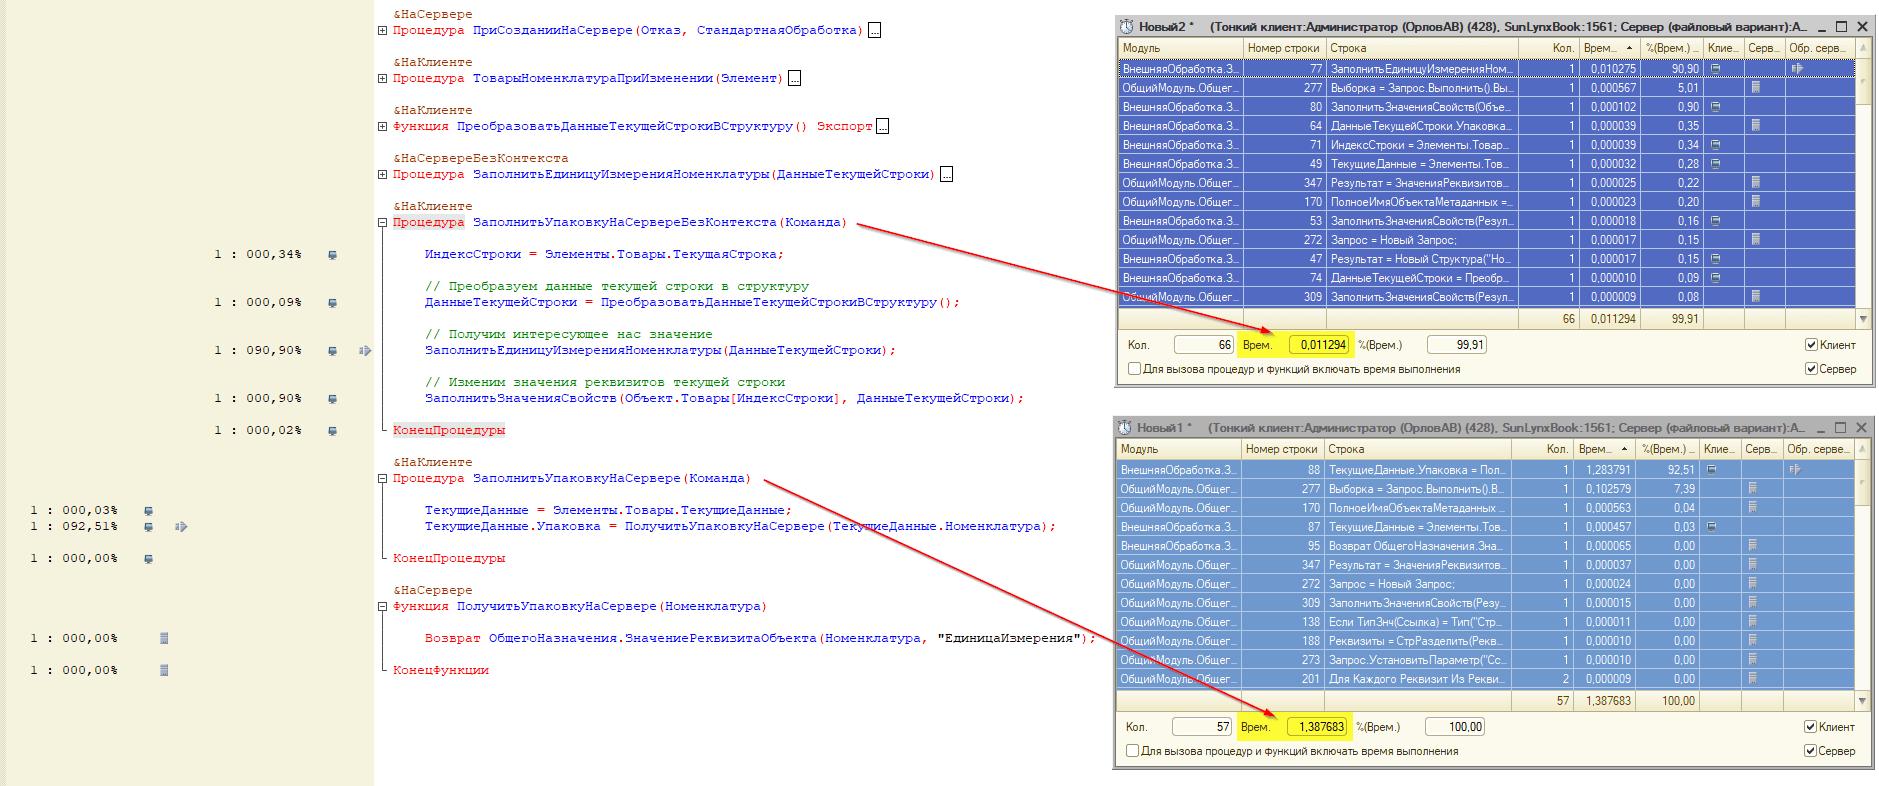 Как заполнить строку табличной части на сервере без контекста